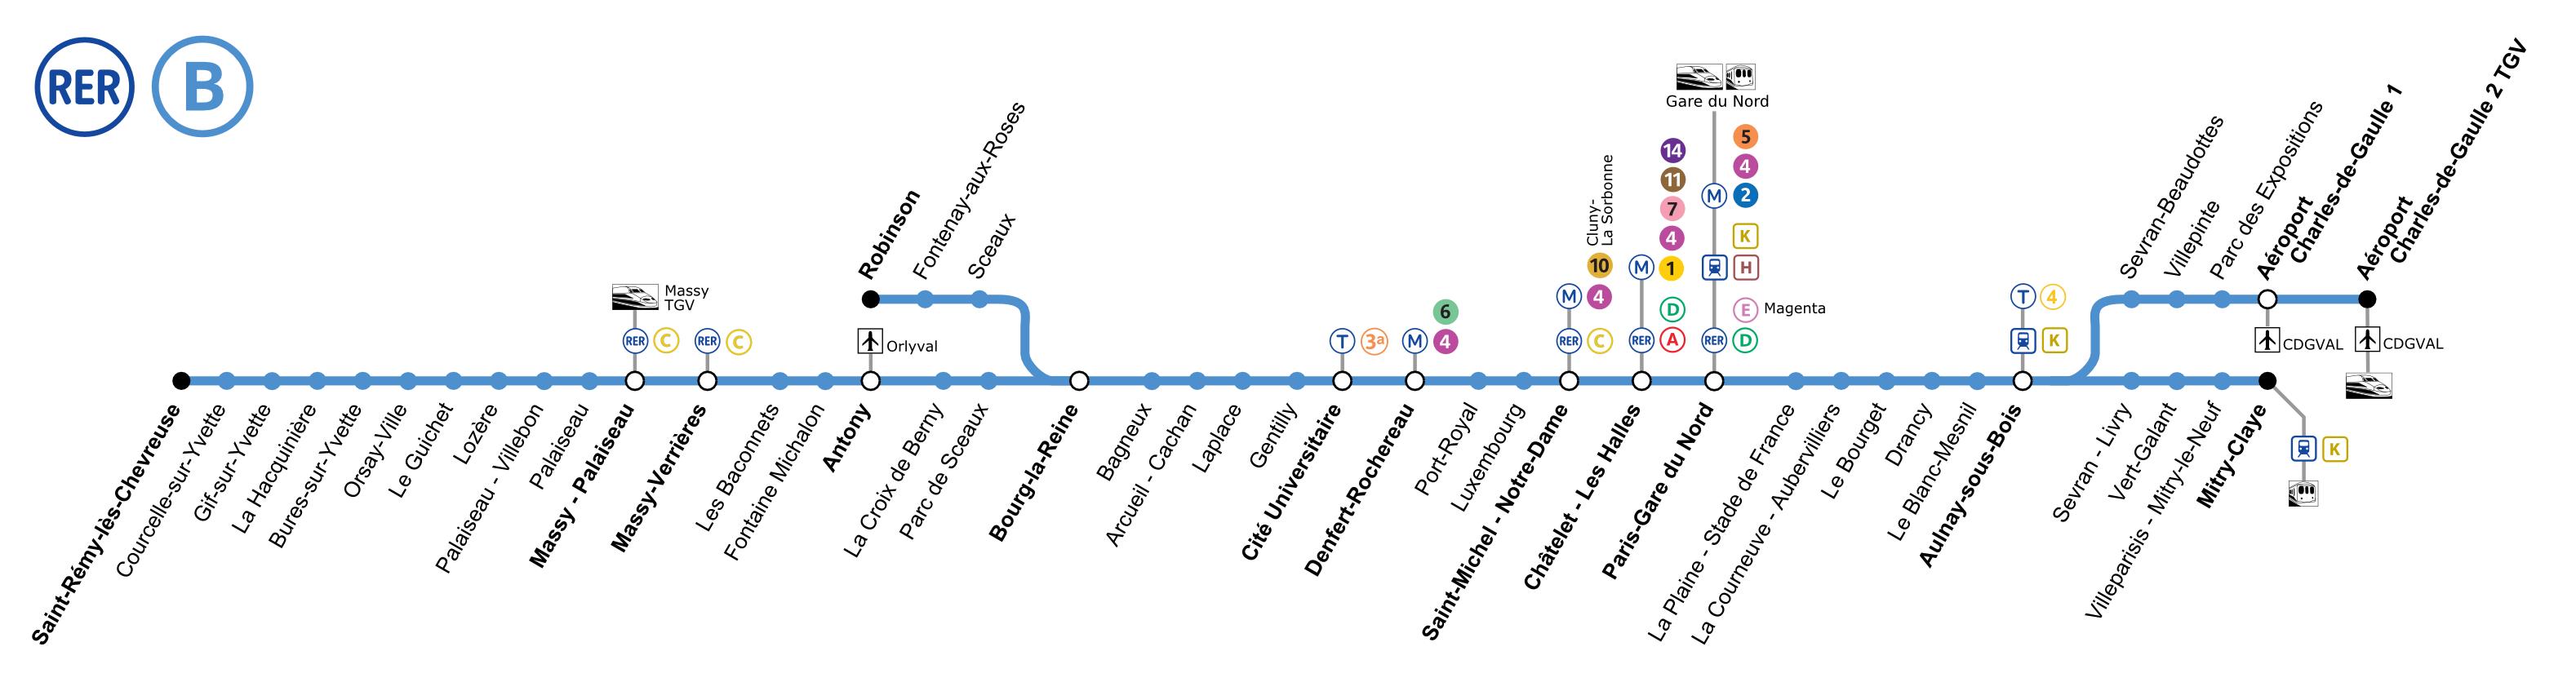 Le plan de la ligne B, avec les correspondances - Téléversé sur Wikipédia par P.poschadel sous licence CC BY-SA 3.0